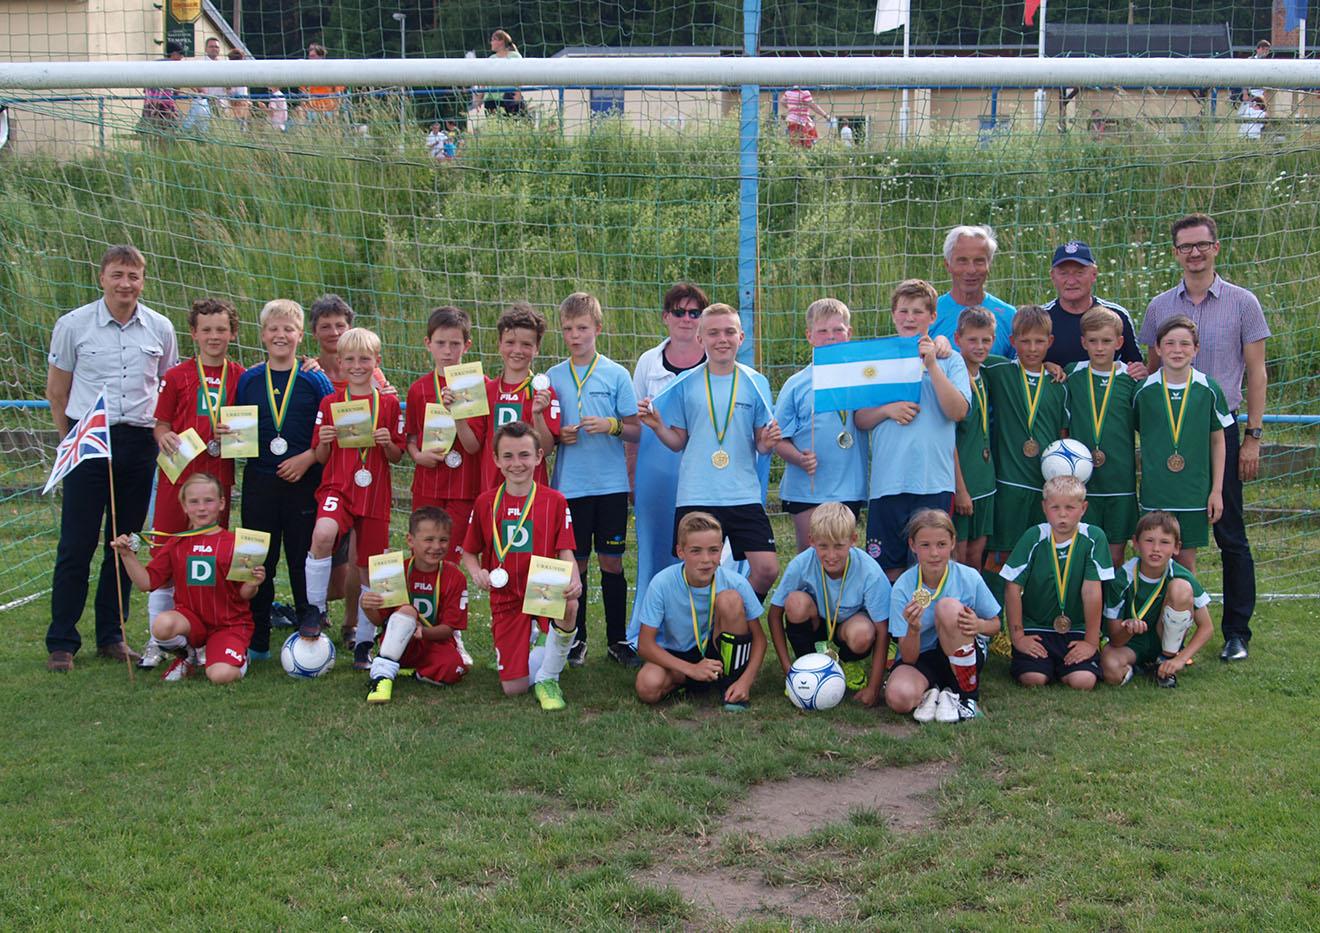 Grundschulkicker des Landkreises Greiz haben ihren Weltmeister ermittelt